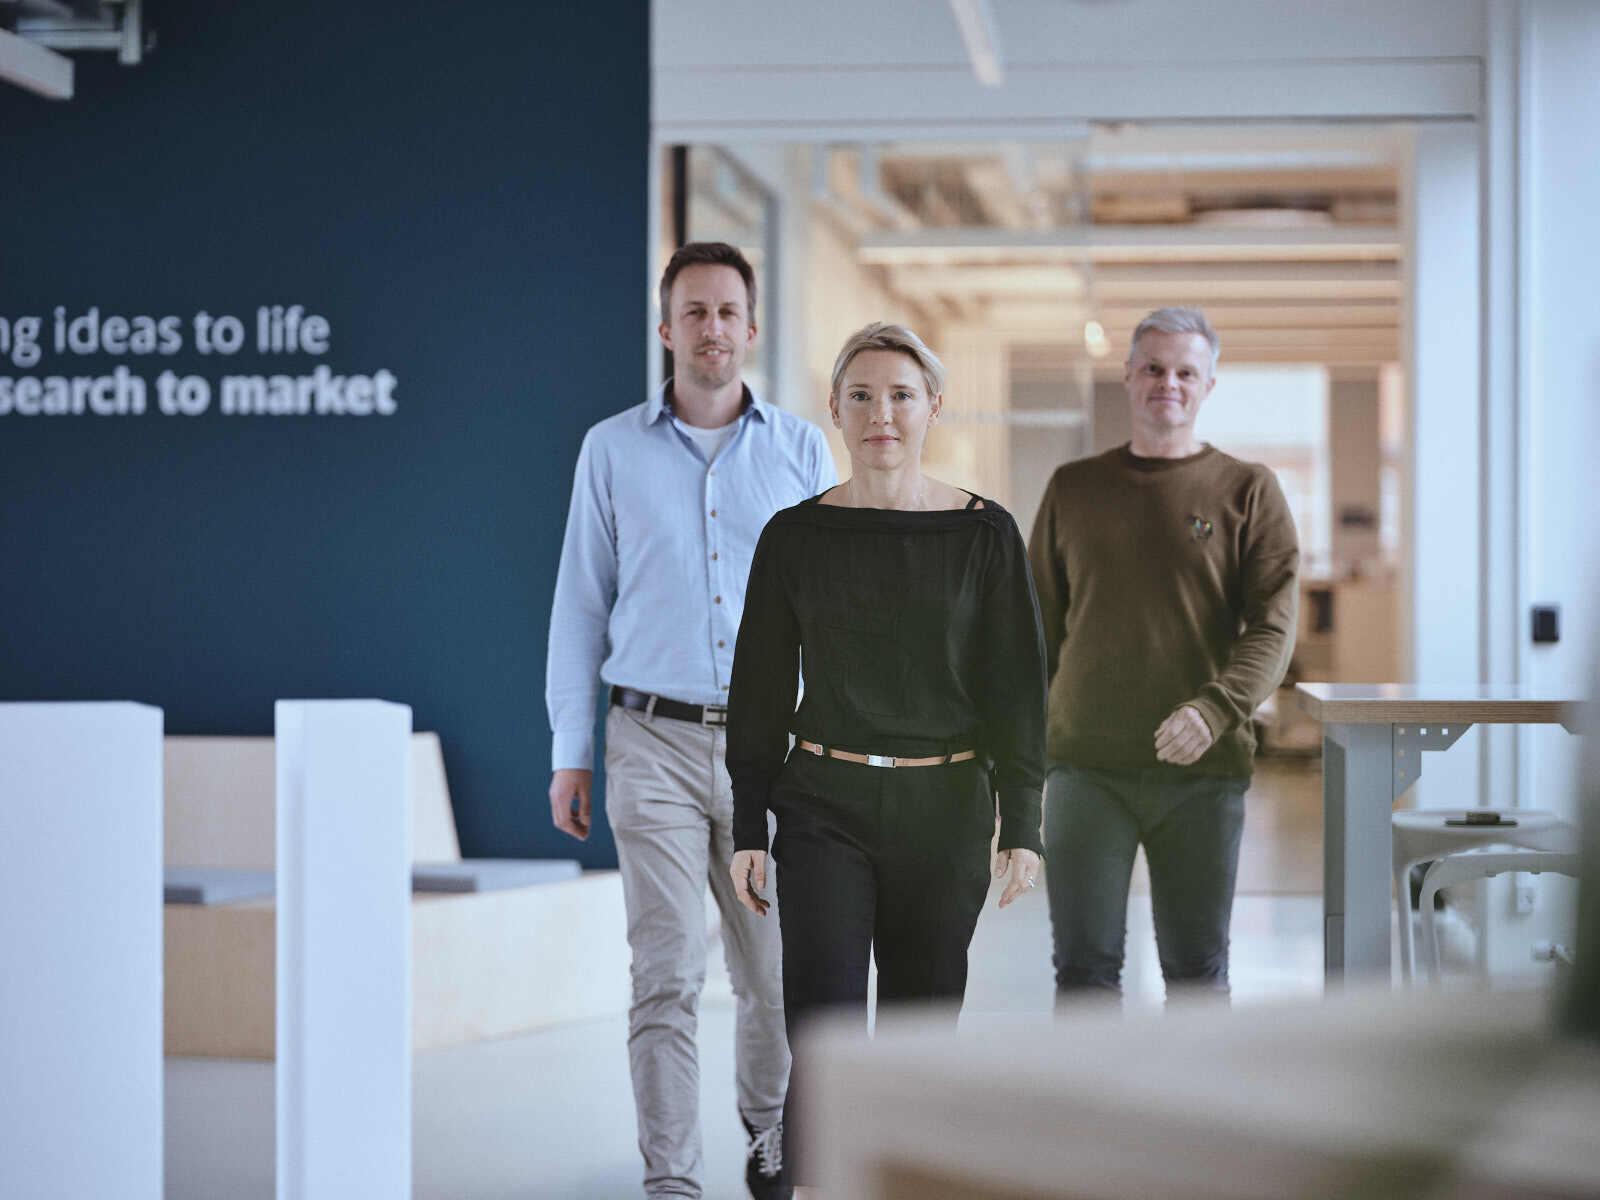 Meet the digital health start-up: WARD 24/7